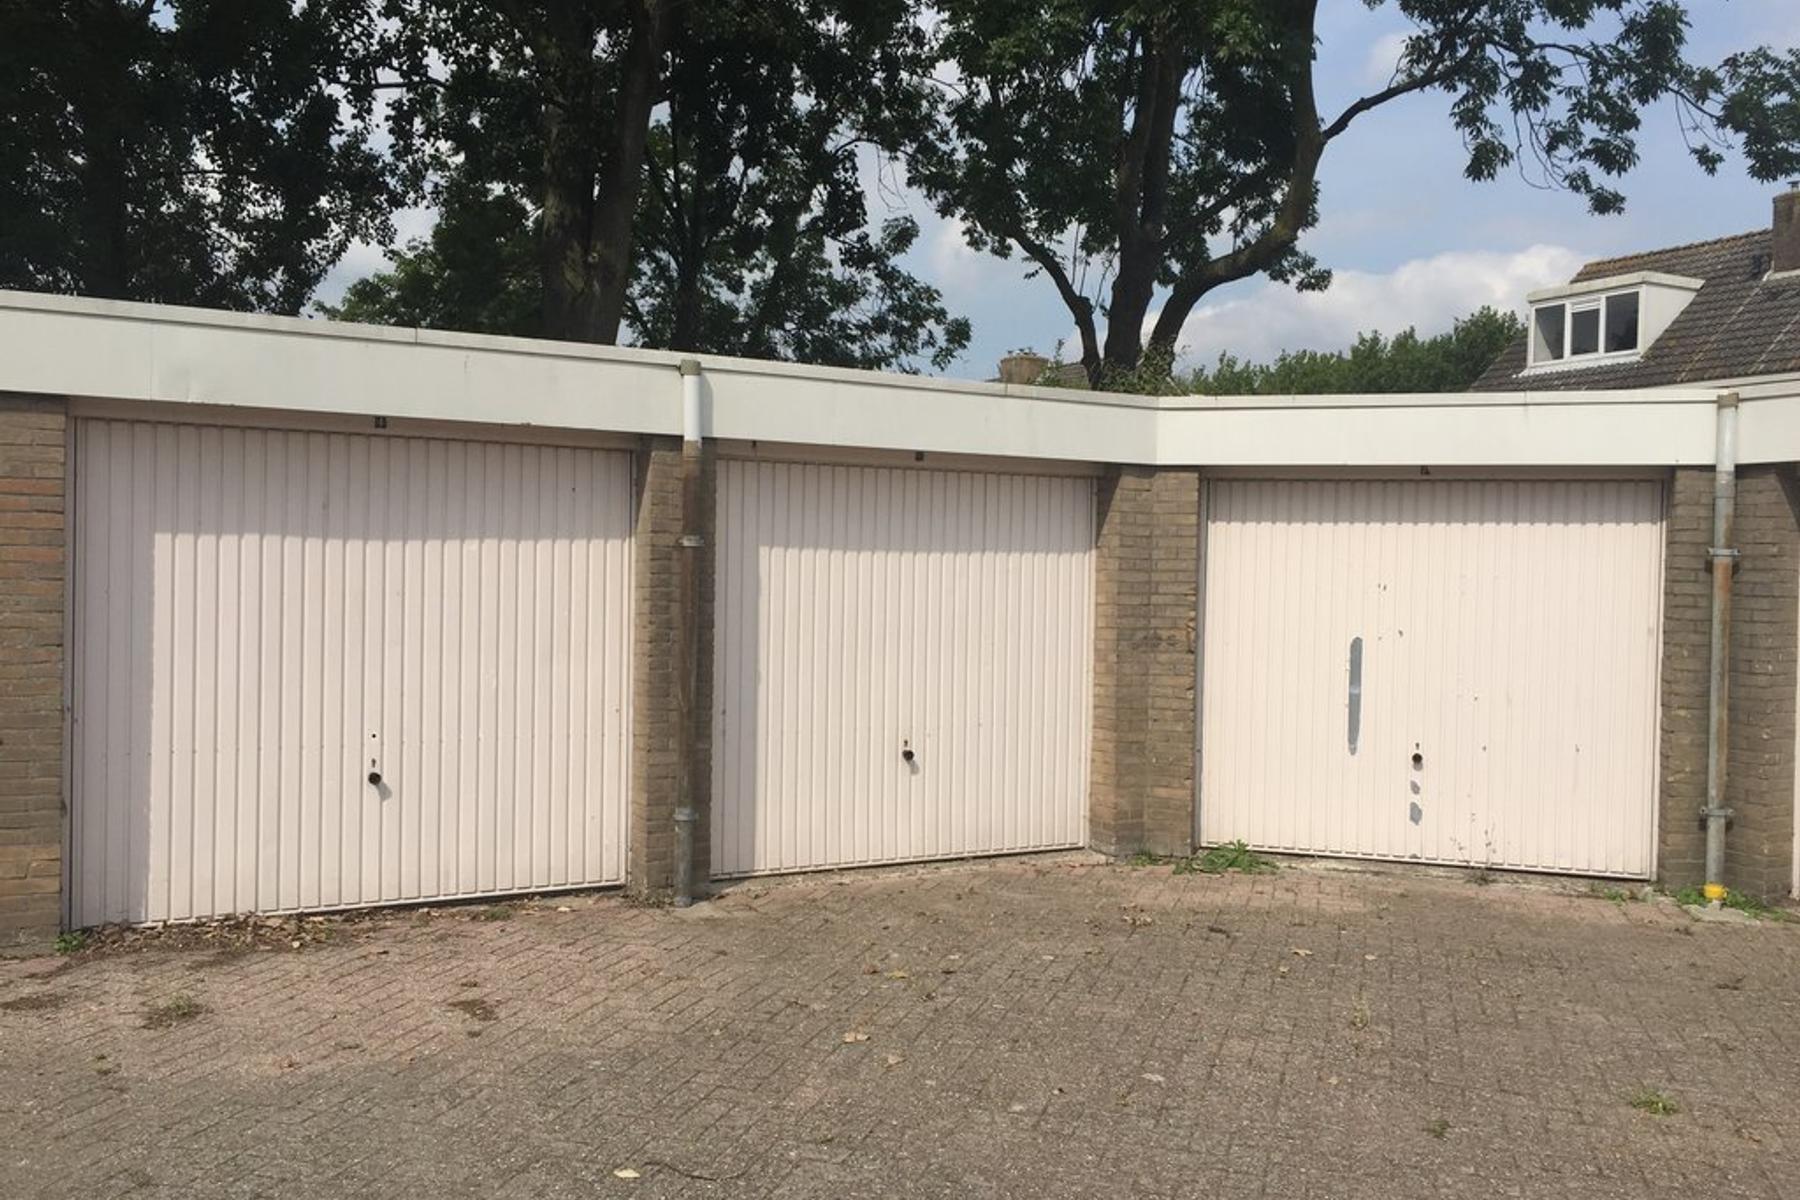 Garage Nieuw Vennep : Wageningenstraat 22 g in nieuw vennep 2152 an: garagebox. jeroen